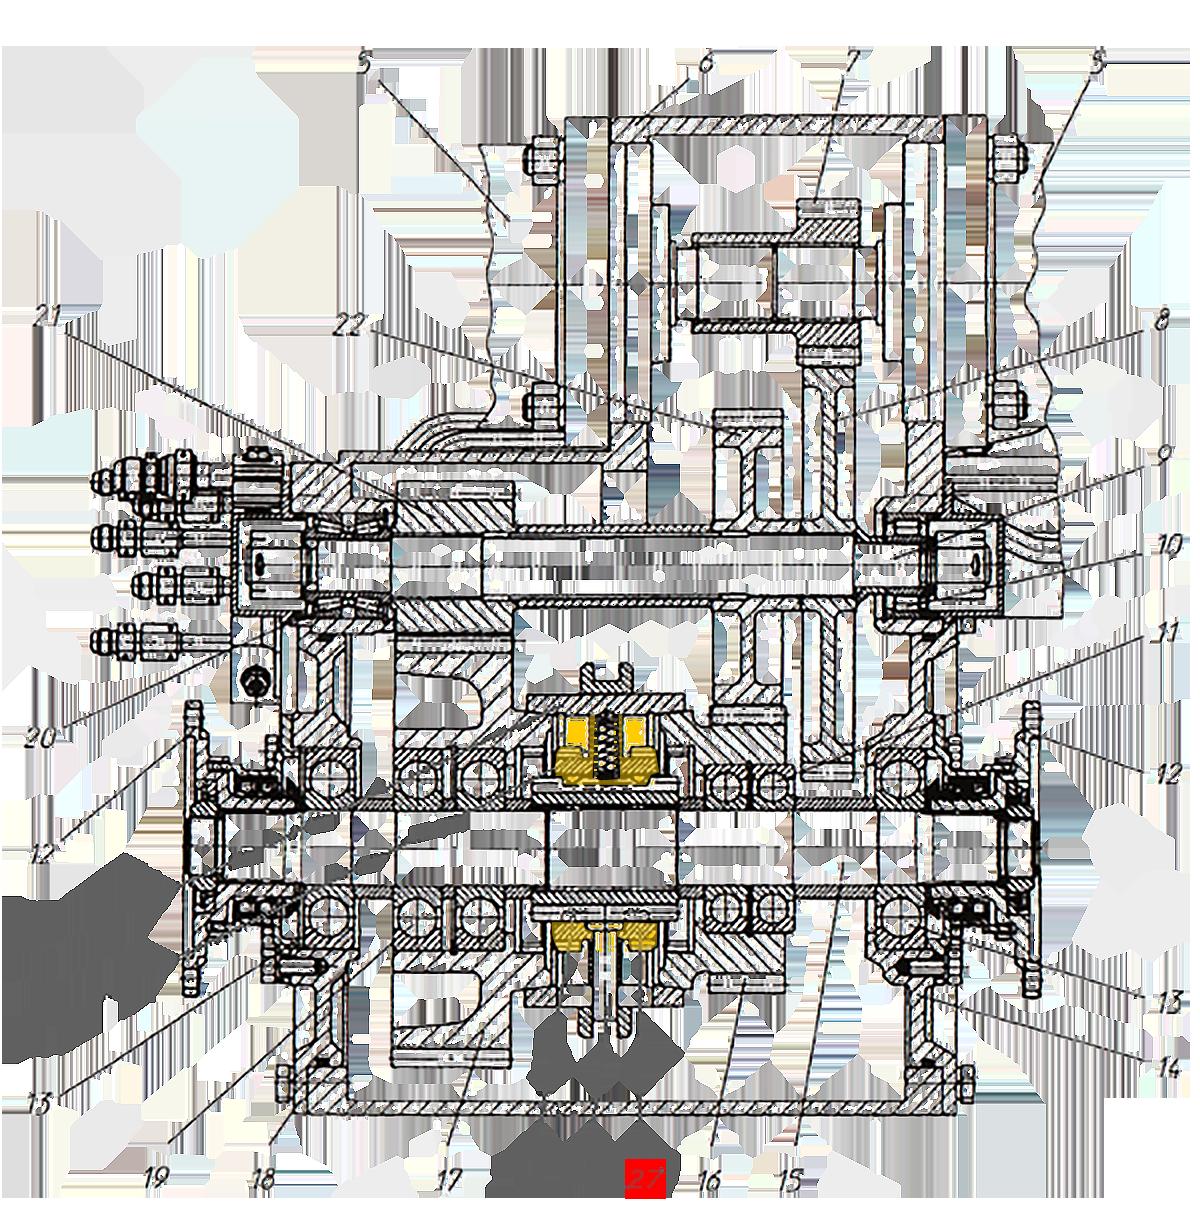 Муфта синхронизатора Э20.01.02.089